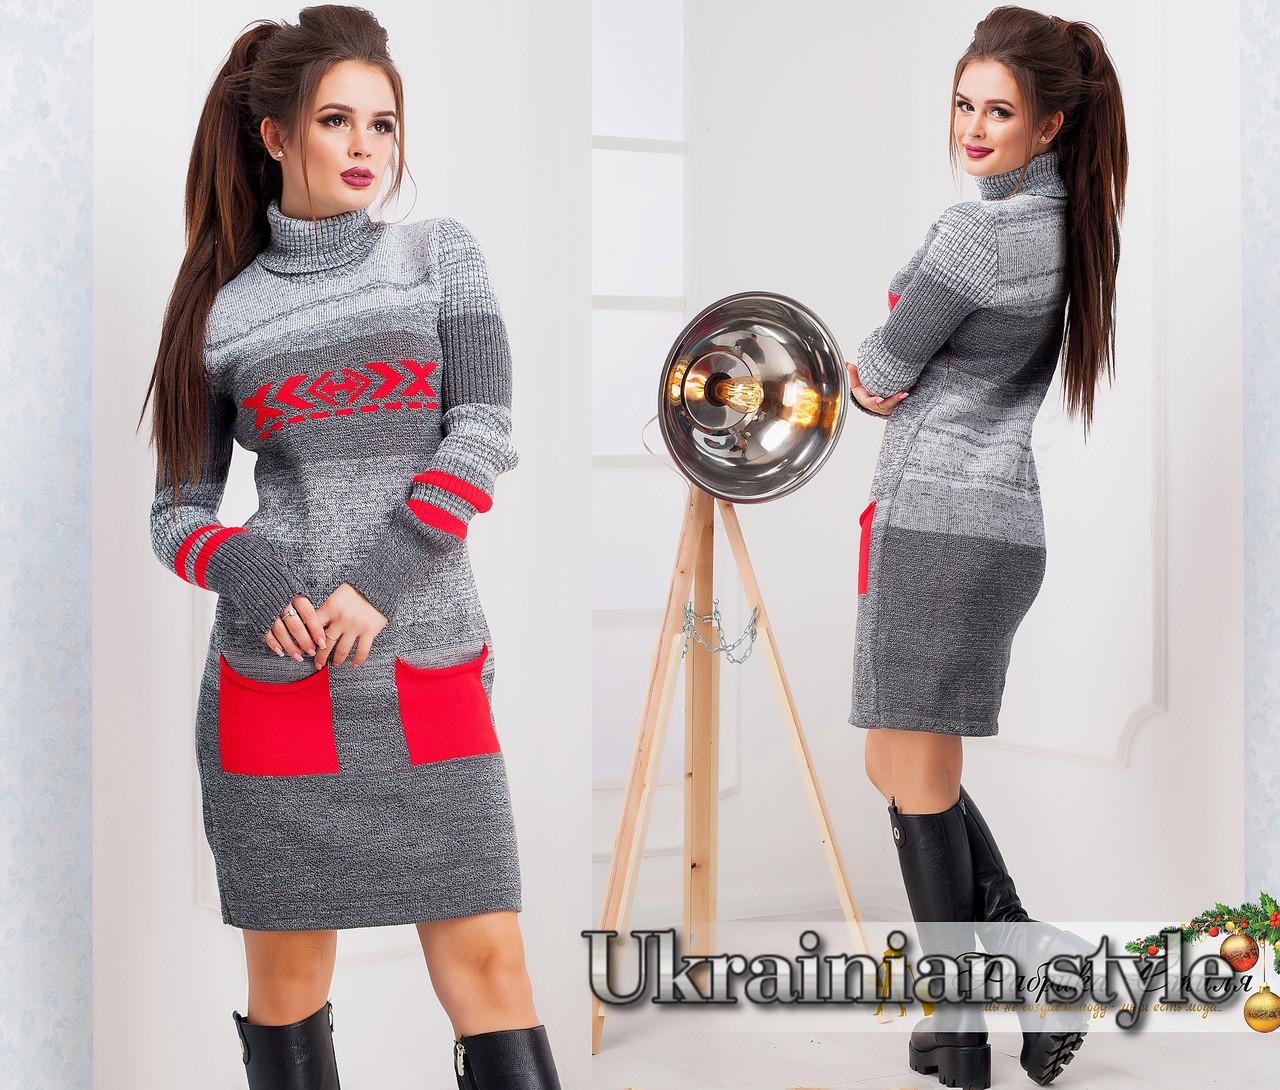 ecacd4697f5 Теплое вязаное платье с геометрическим рисунком. Цвета! - Интернет-магазин